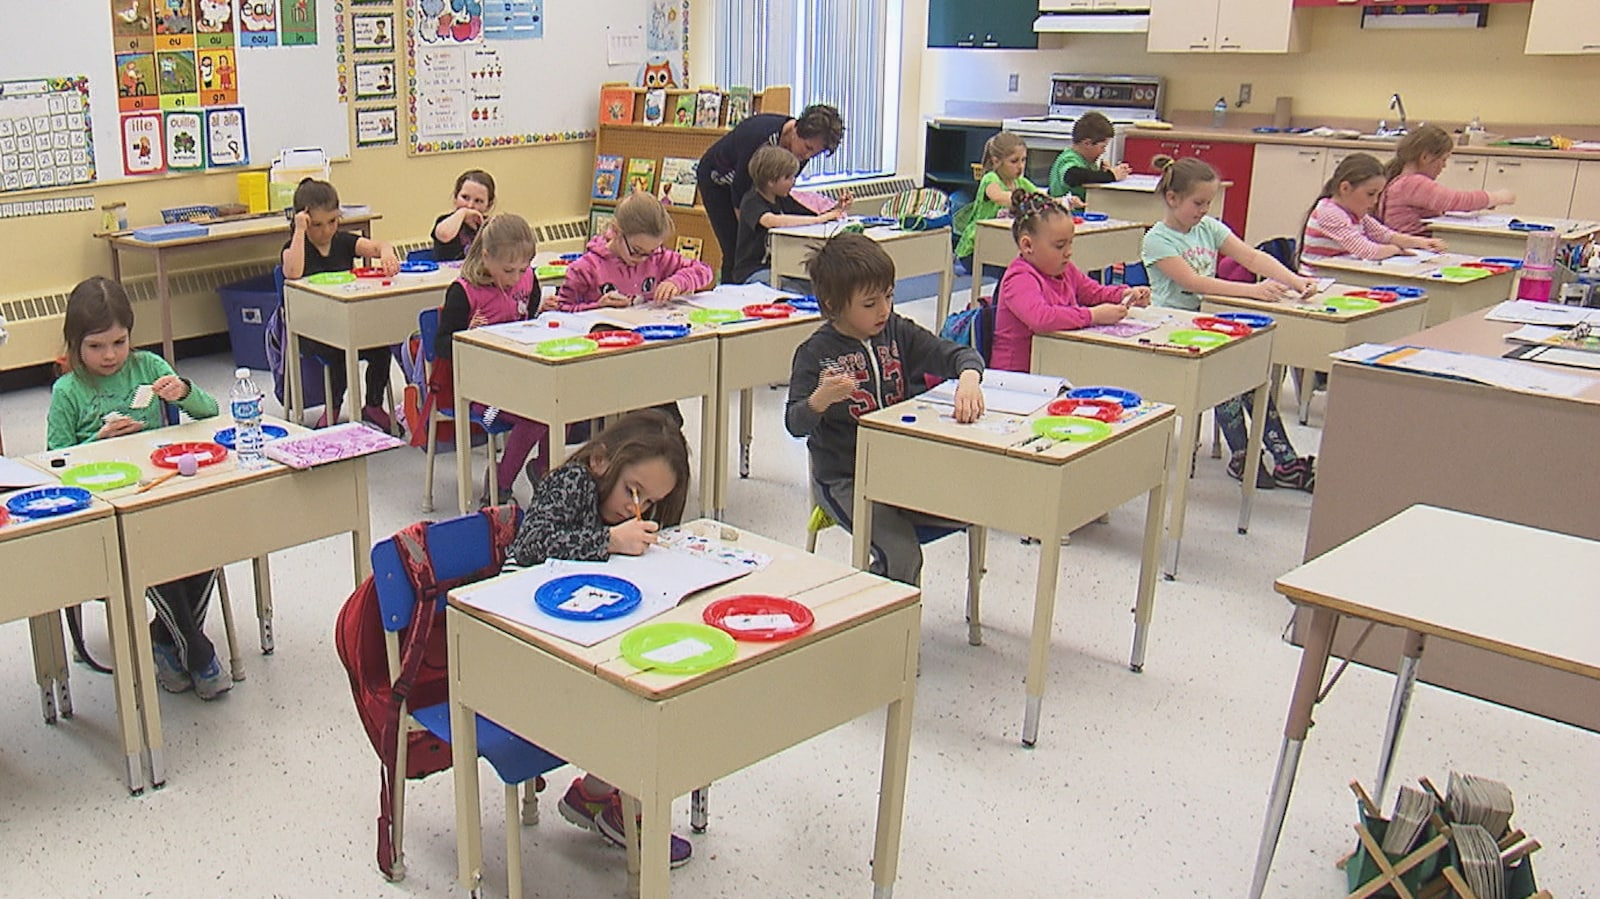 Des élèves dans une classe du primaire.